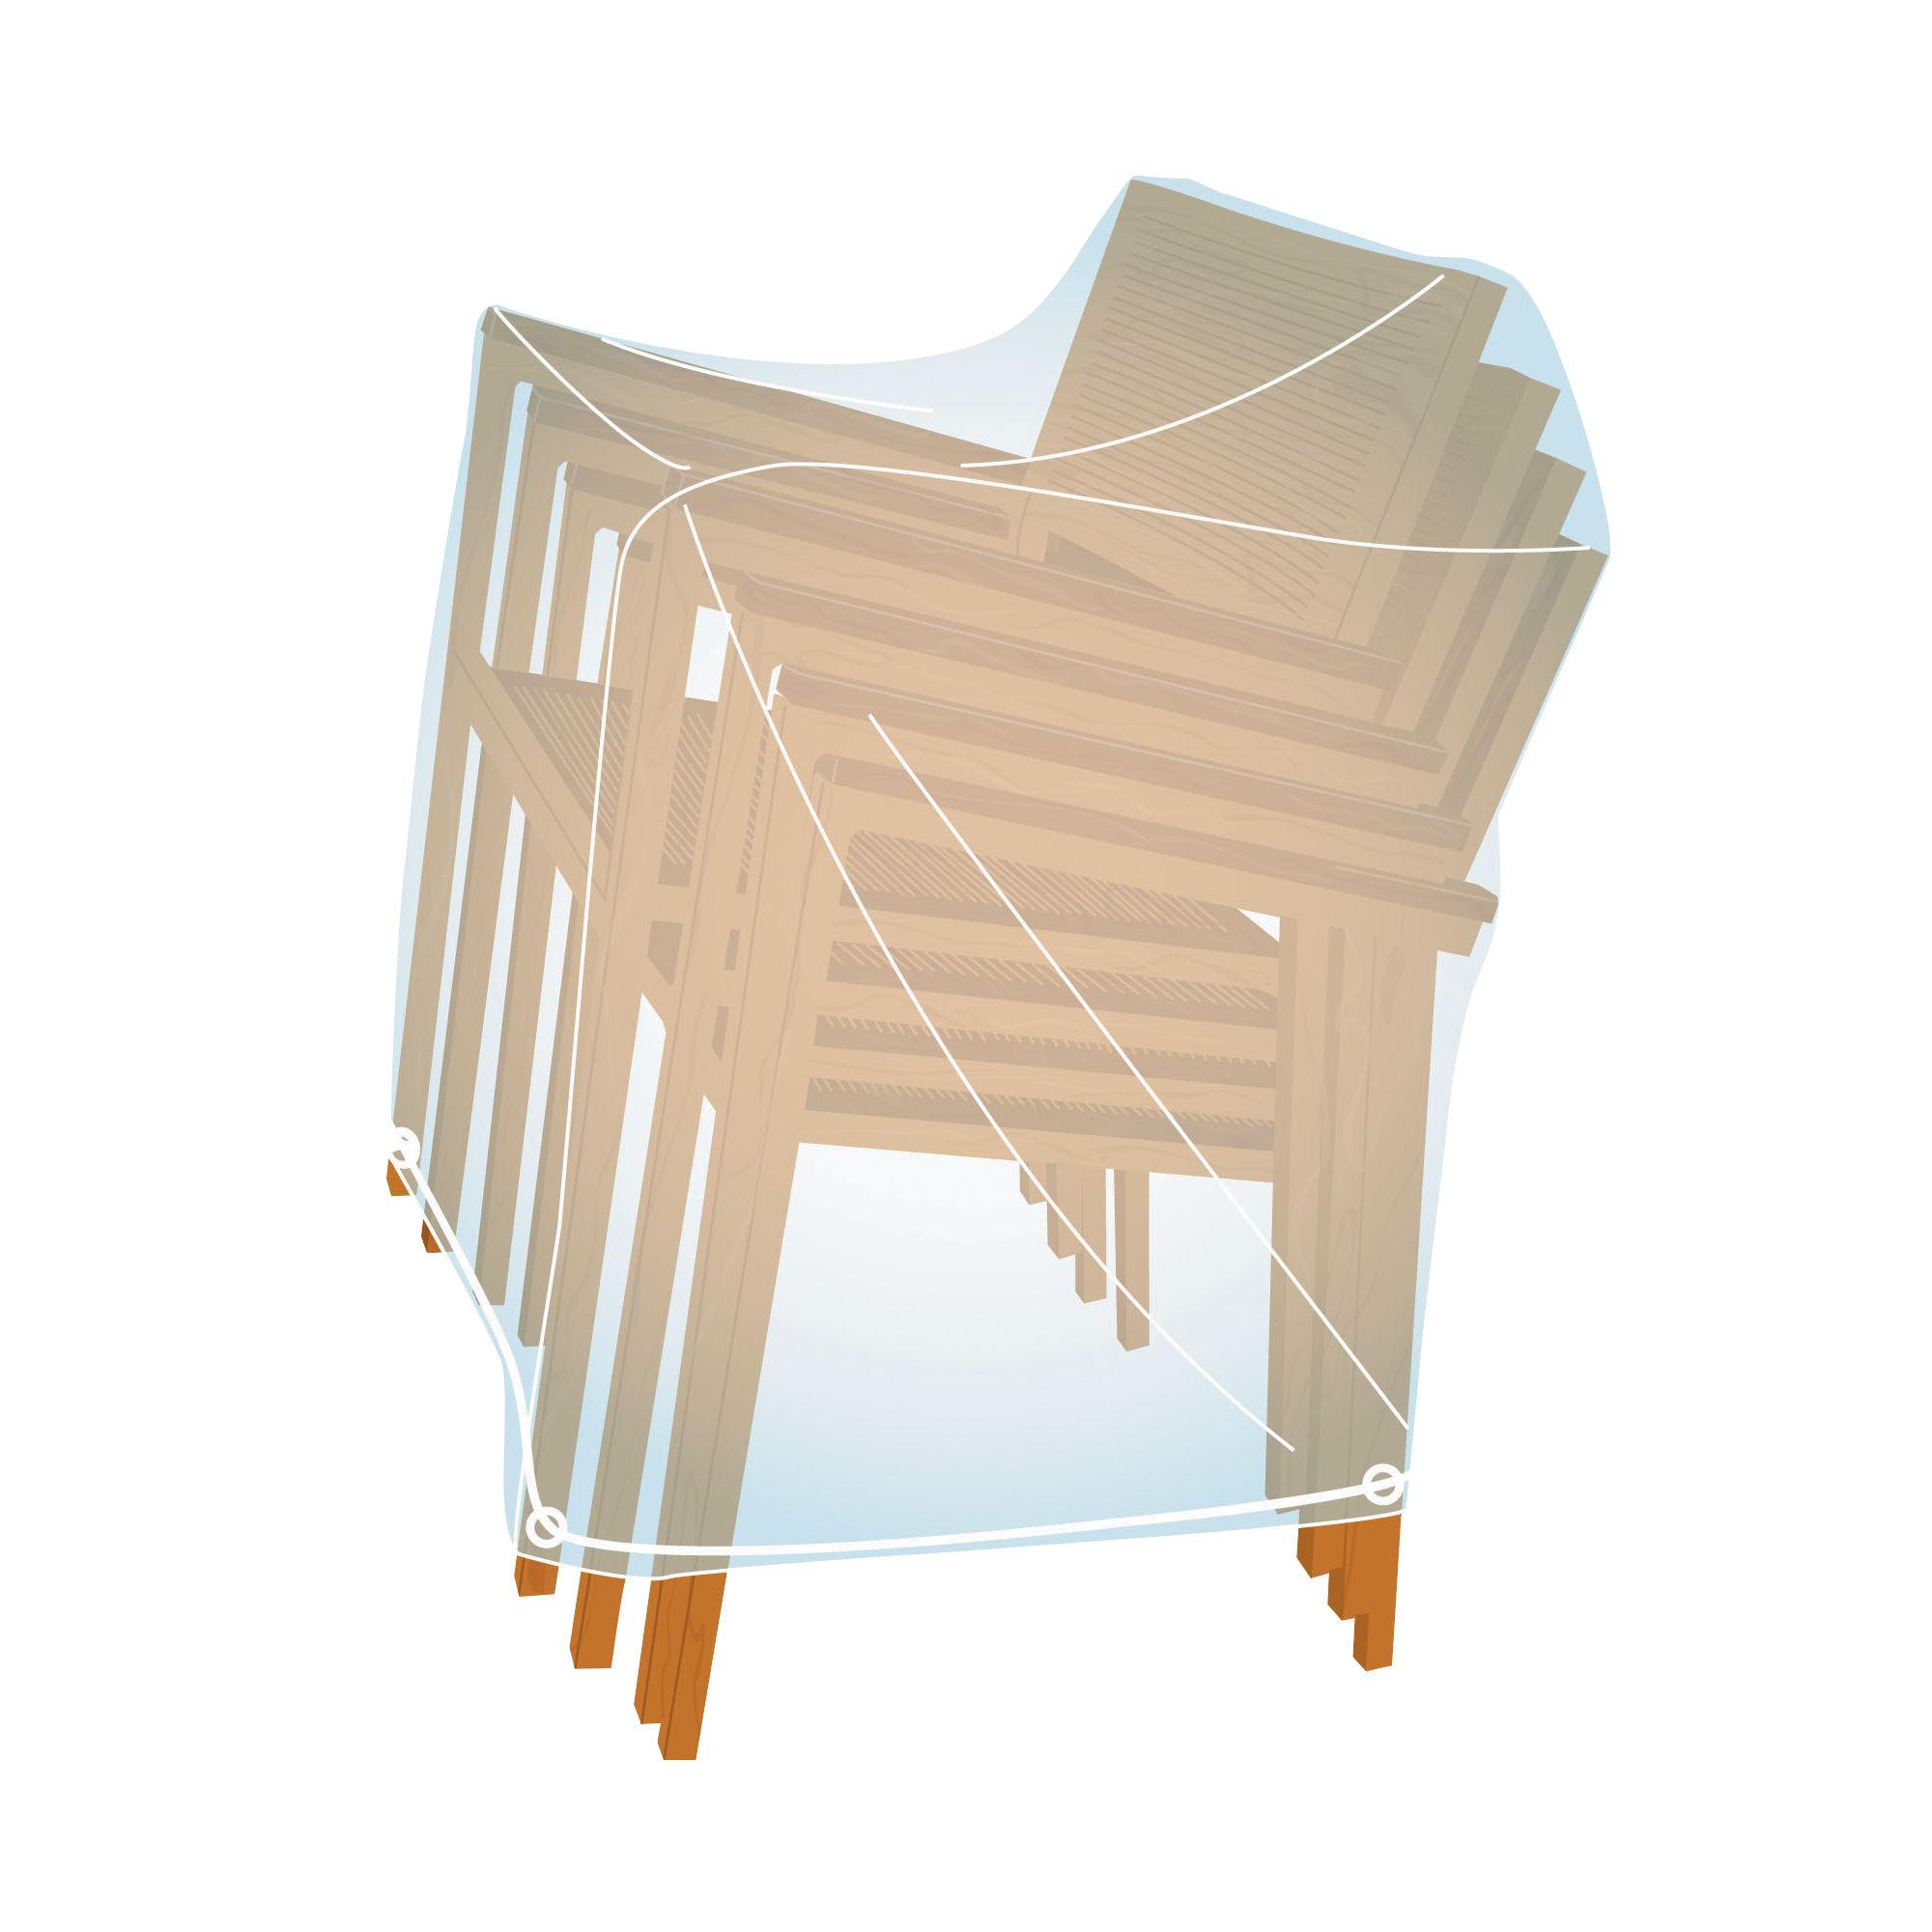 Obal na složené židle (stohované)